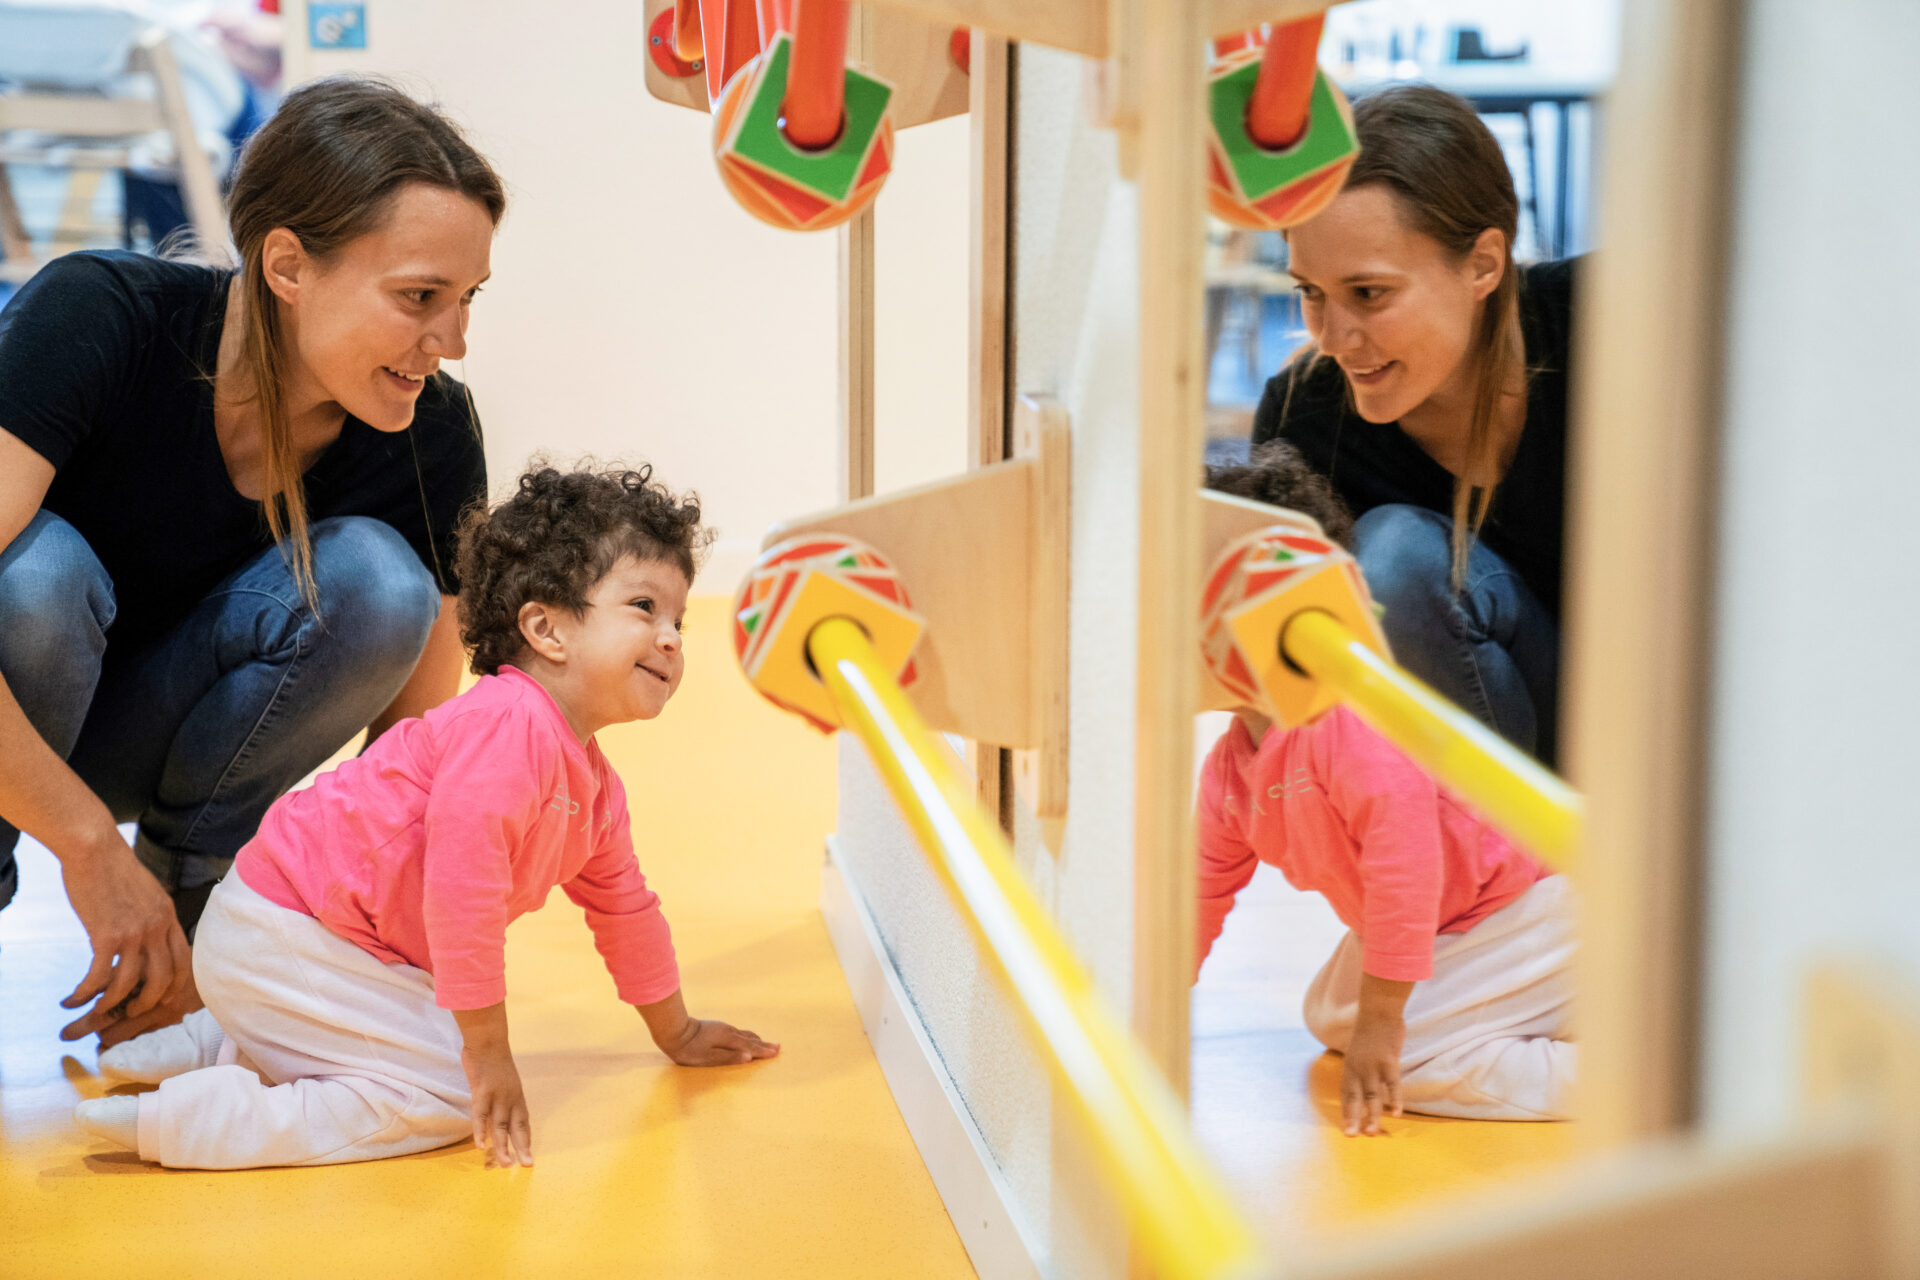 Un enfant et une éducatrice se regardent dans le miroir.